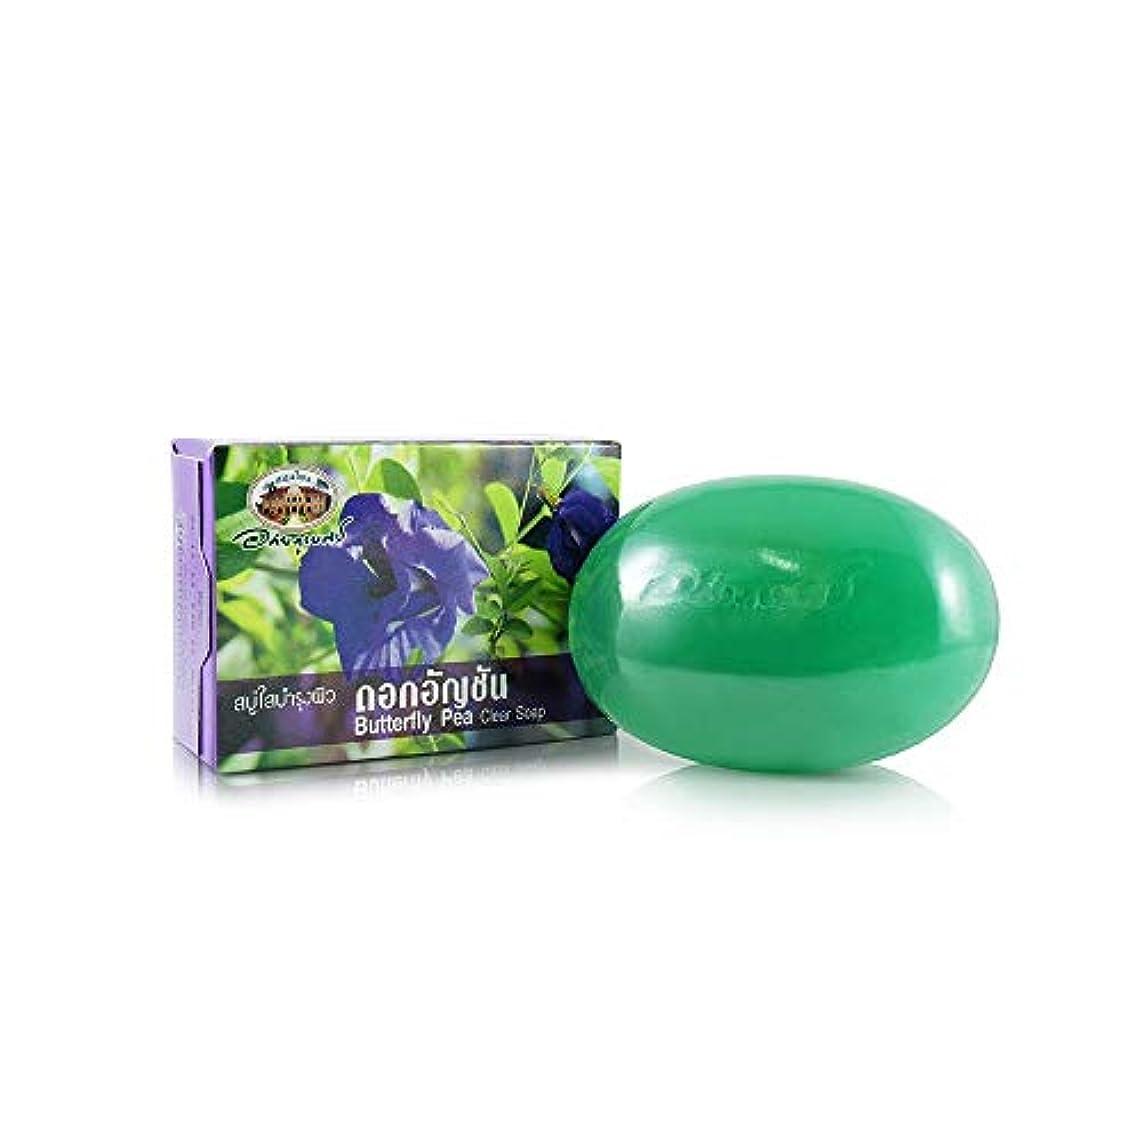 土砂降り西打撃Abhaibhubejhr Pea Flowers Vitamin E Herbal Body Cleaning Soap 100g. Abhaibhubejhrピー花ビタミンEハーブボディクリーニングソープ100グラム。